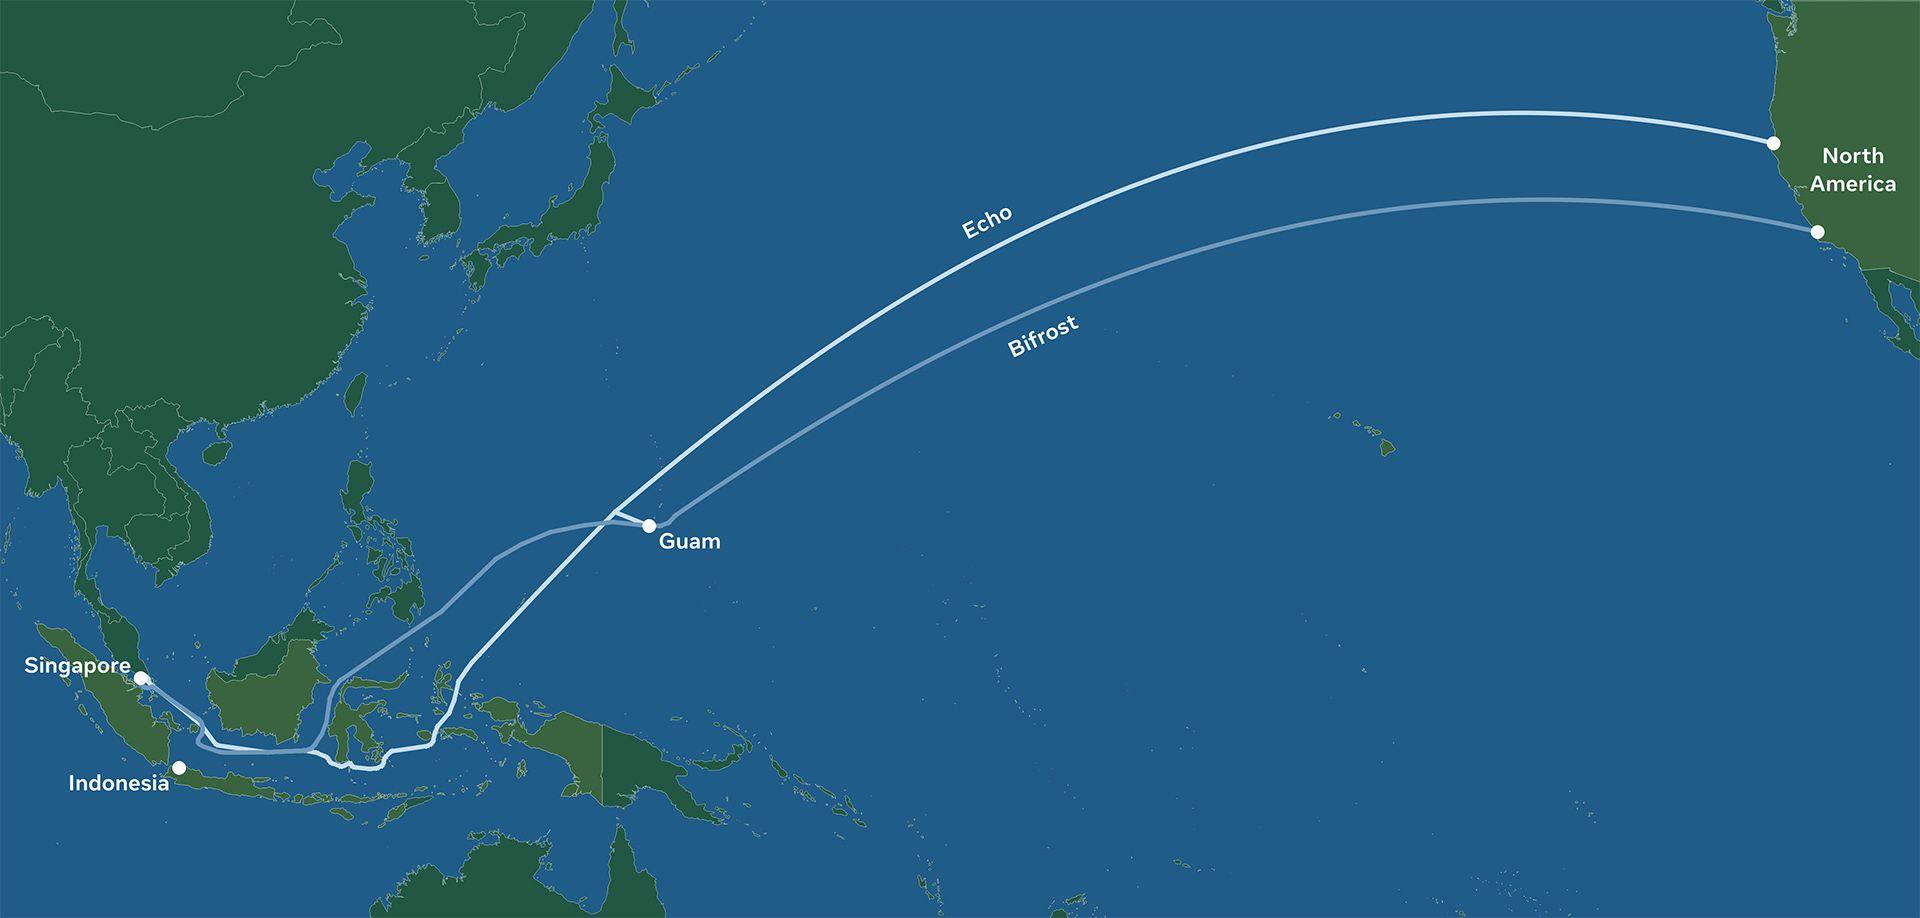 Carte des câbles Bifrost et Echo construits par Facebook et Google qui reliront l'Amérique du Nord et l'Asie du Pacifique.